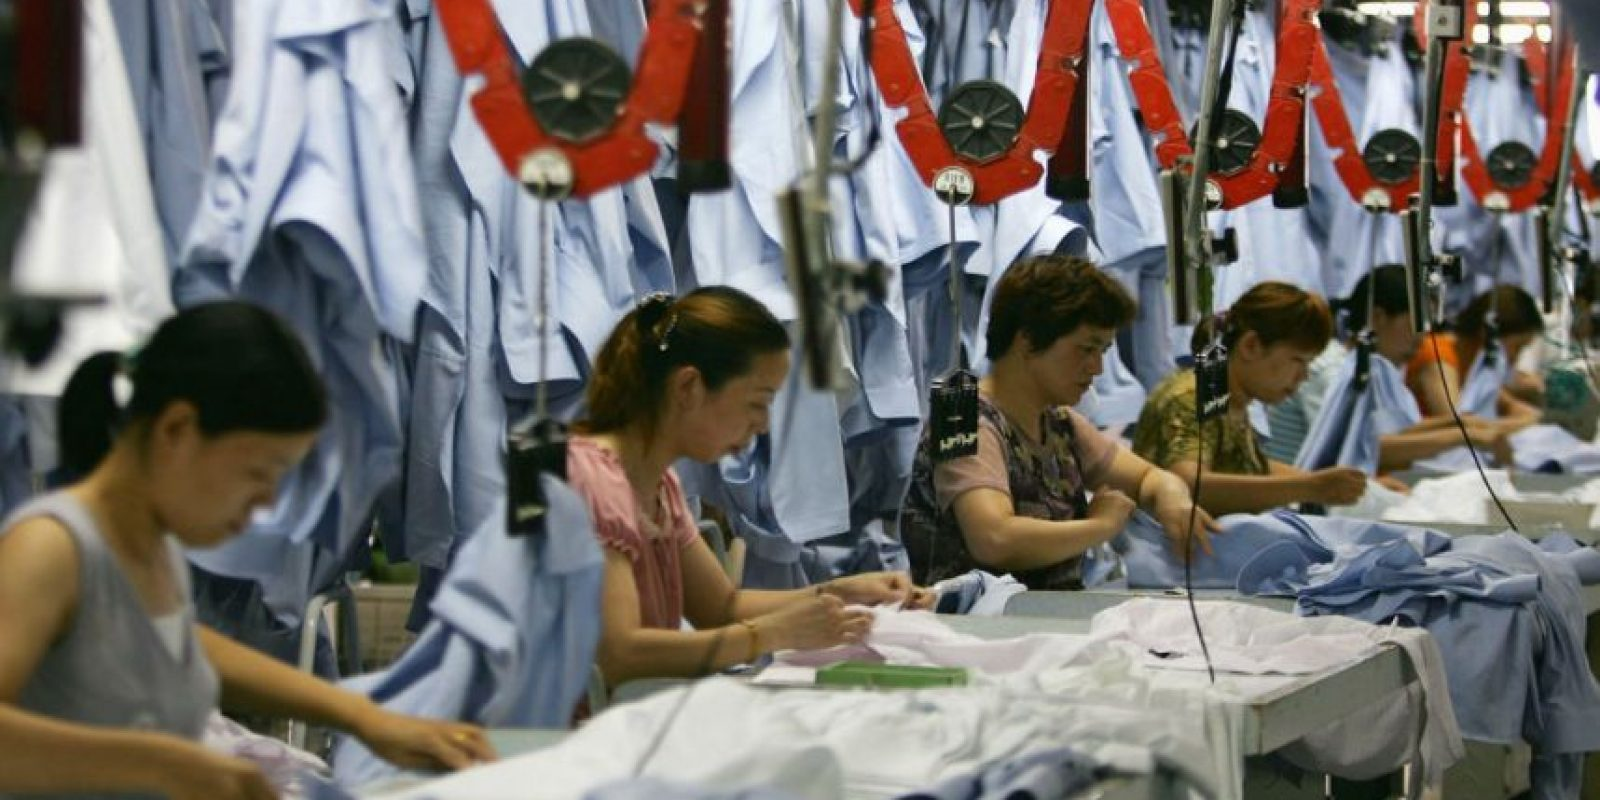 Es muy probable que los trabajadores de fábricas sean suplantados por máquinas. Foto:Getty Images